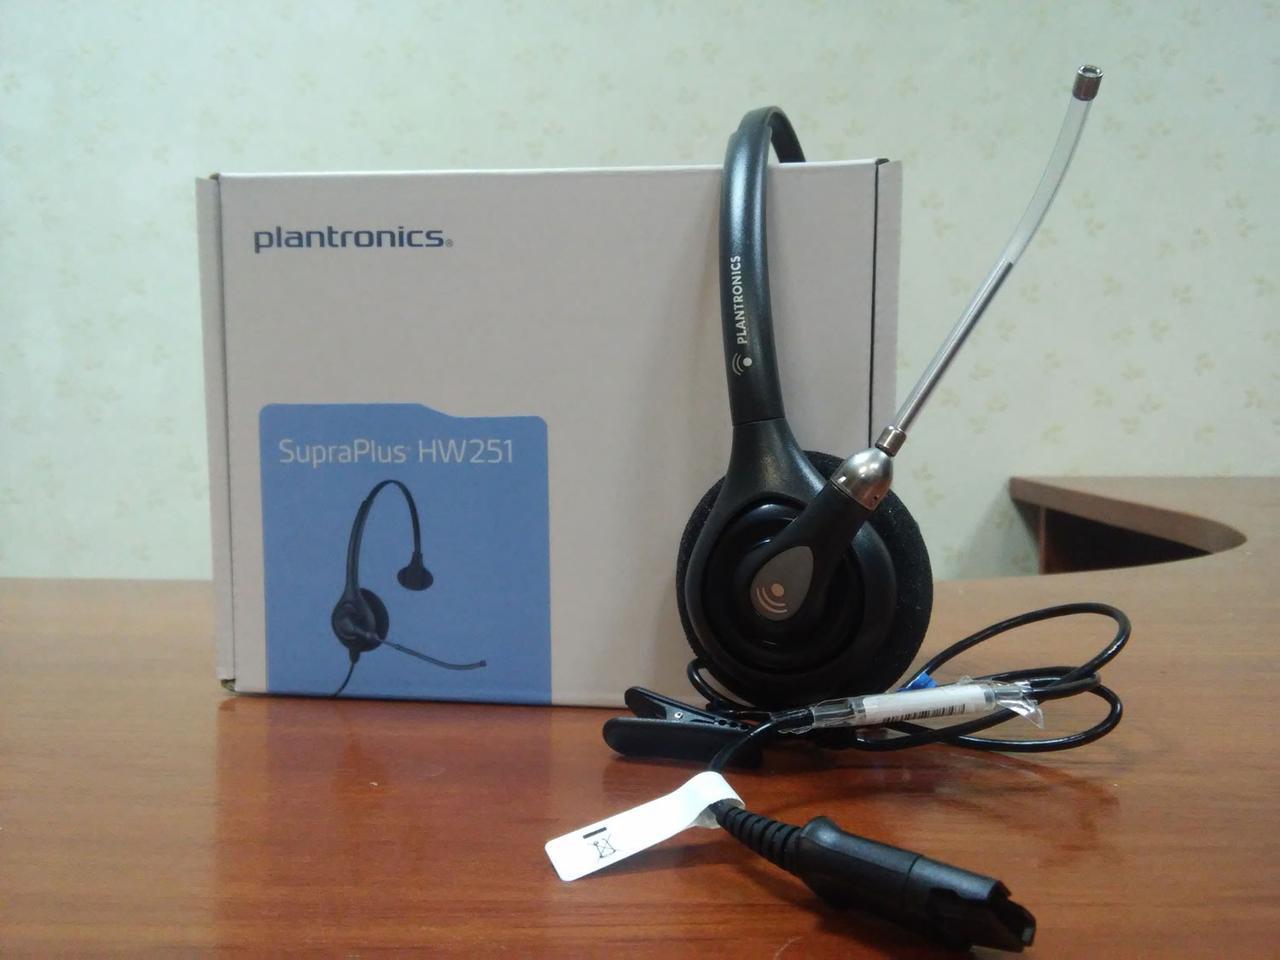 Профессиональная USB гарнитура Plantronics SupraPlus HW251 для call центра (Новая), фото 1